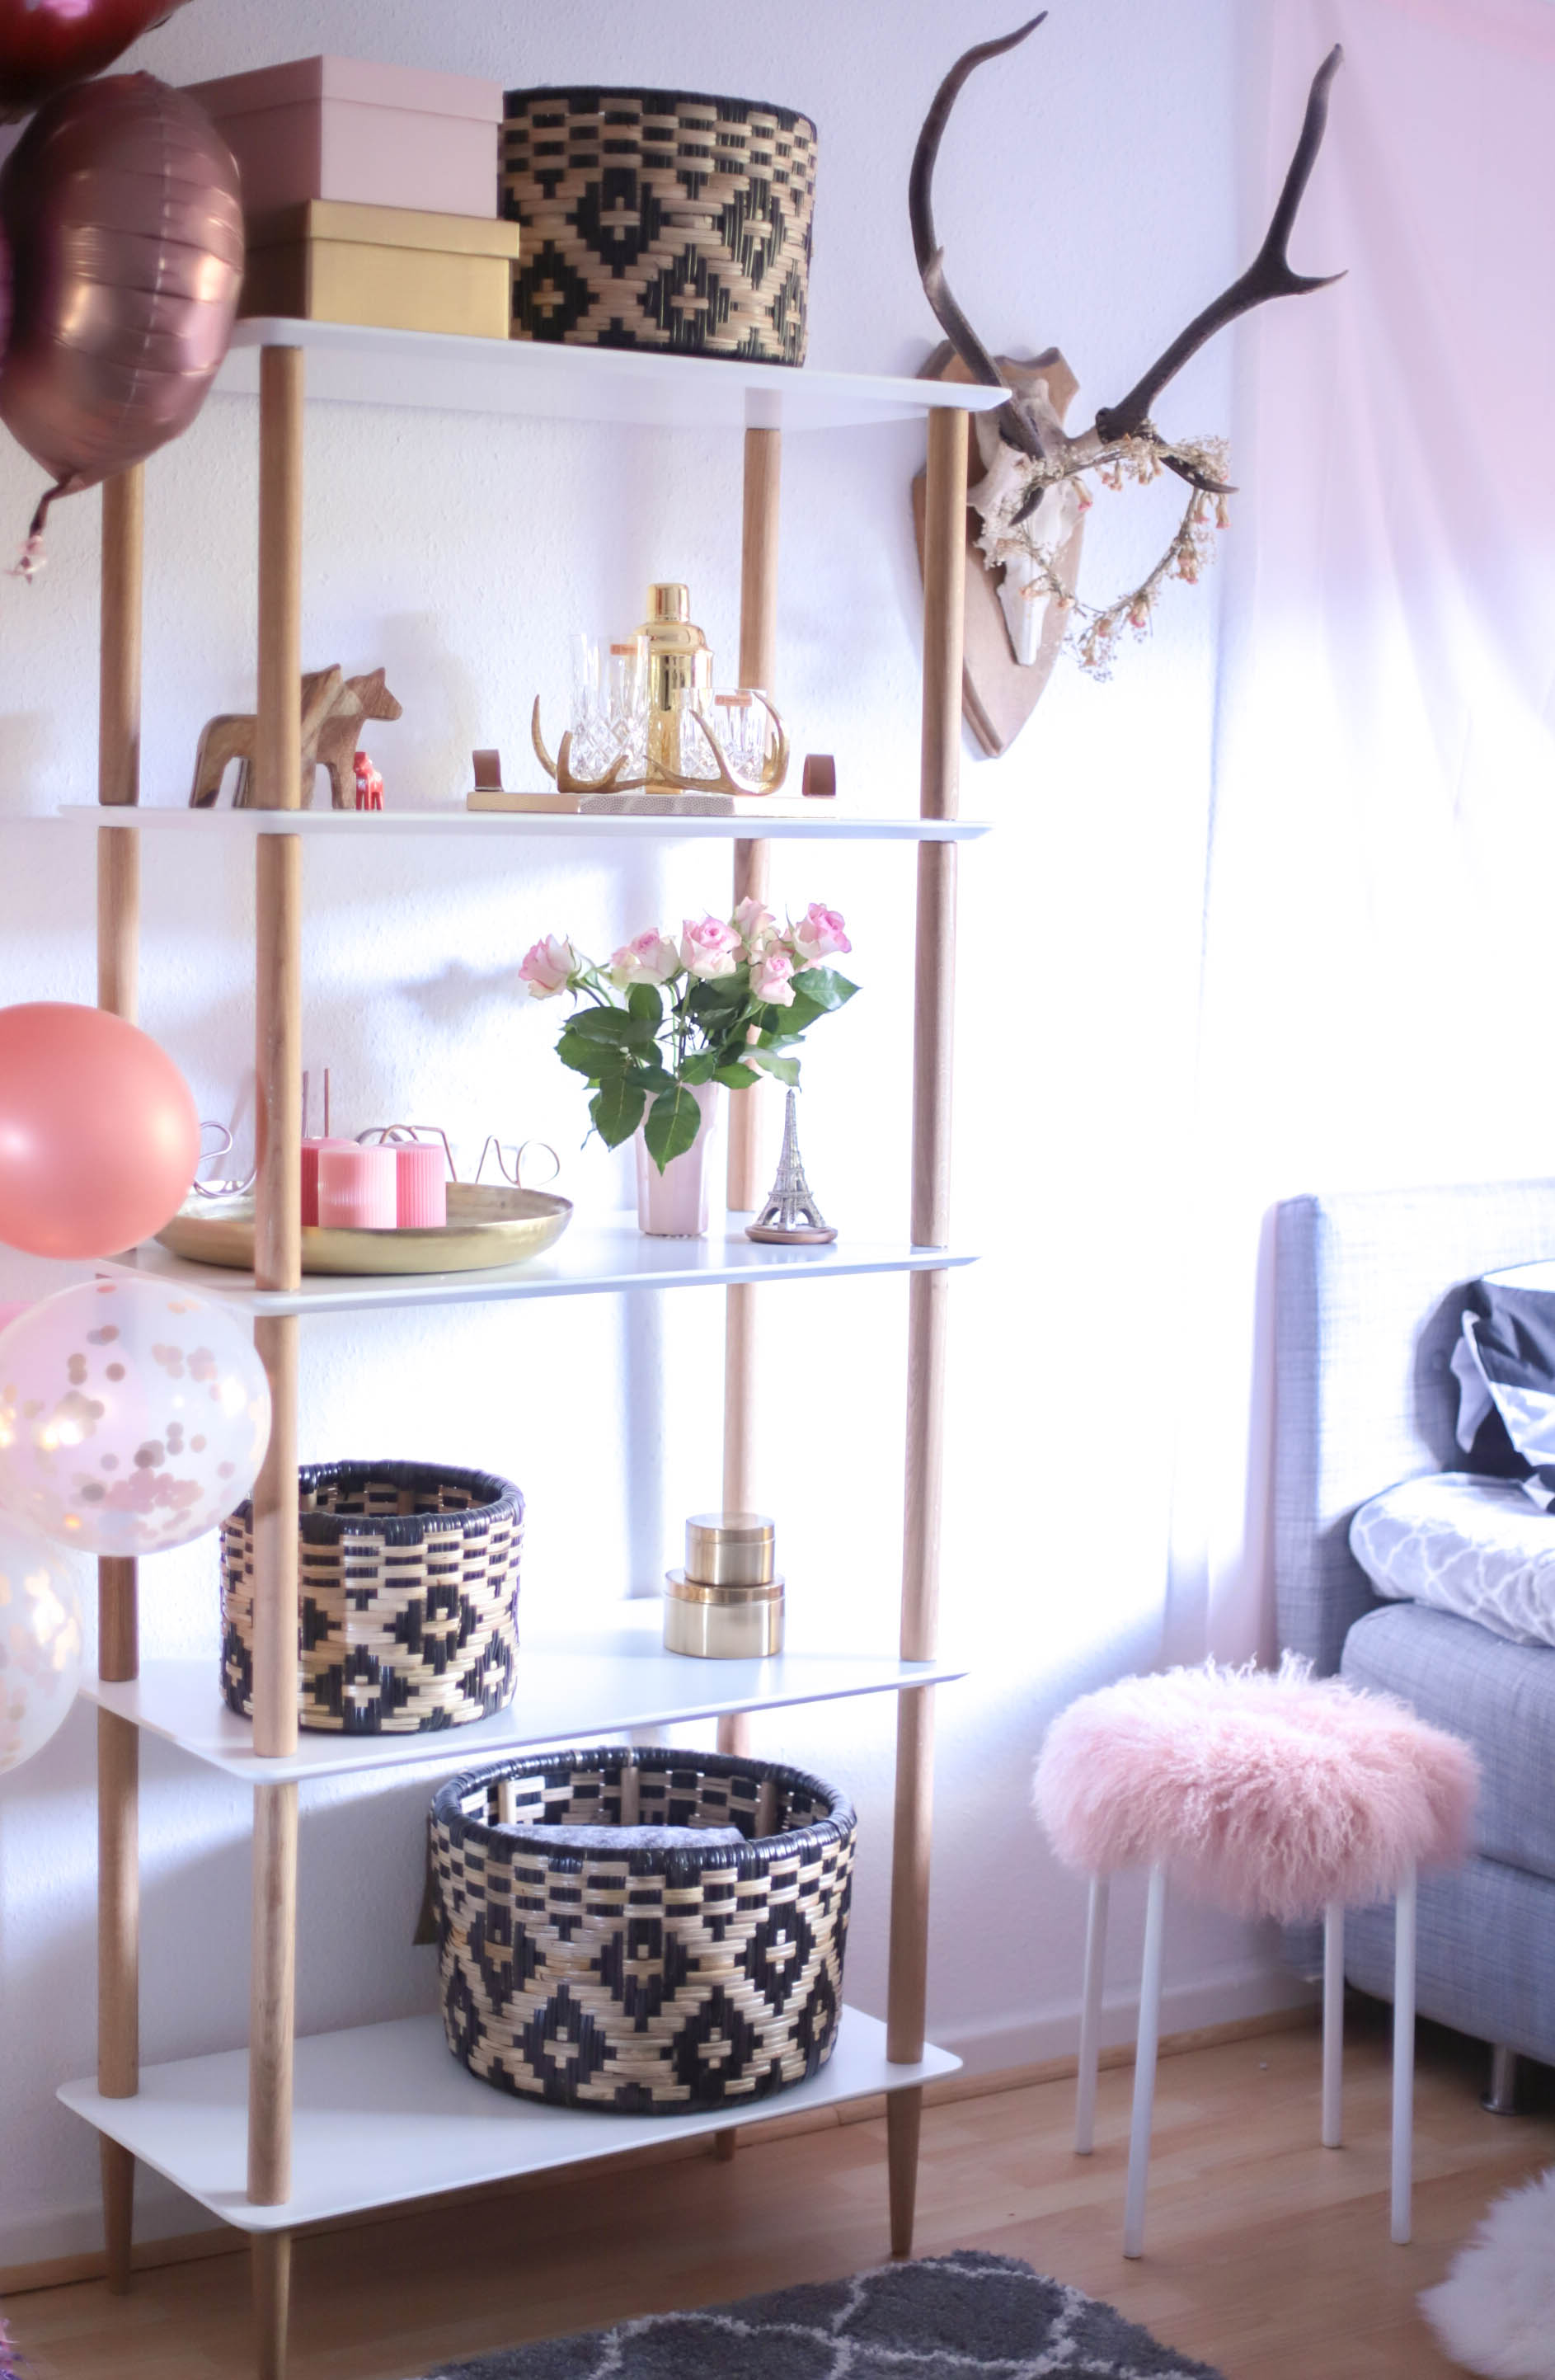 kleine wohnung praktisch einrichten 5 tipps sch nwild. Black Bedroom Furniture Sets. Home Design Ideas